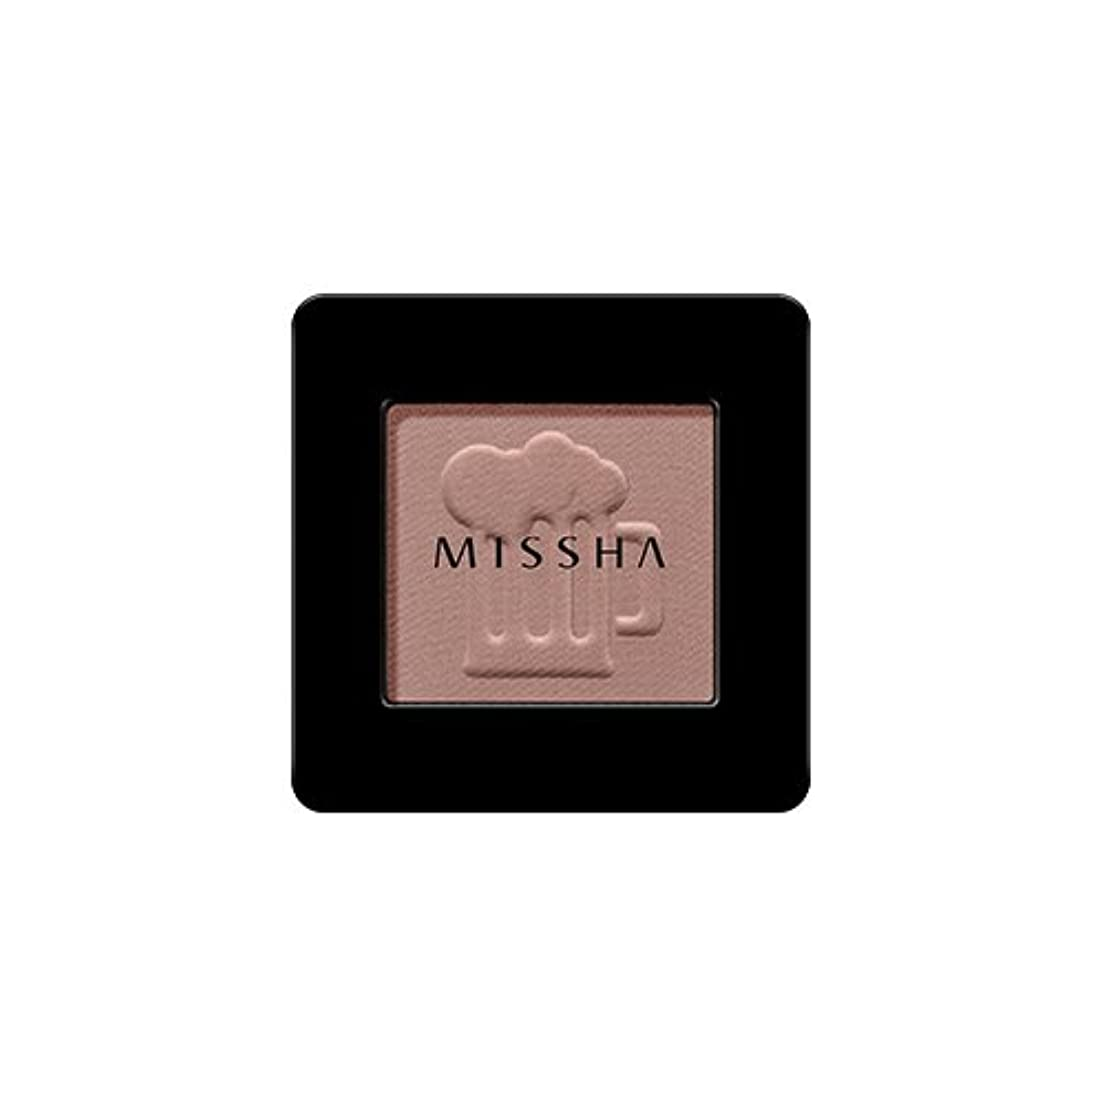 はぁ極めて重要な侵略[2016 F/W New Color] MISSHA Modern Shadow [Matt]/ミシャ モダン シャドウ [マット] (#MBR07 Honey Potato)